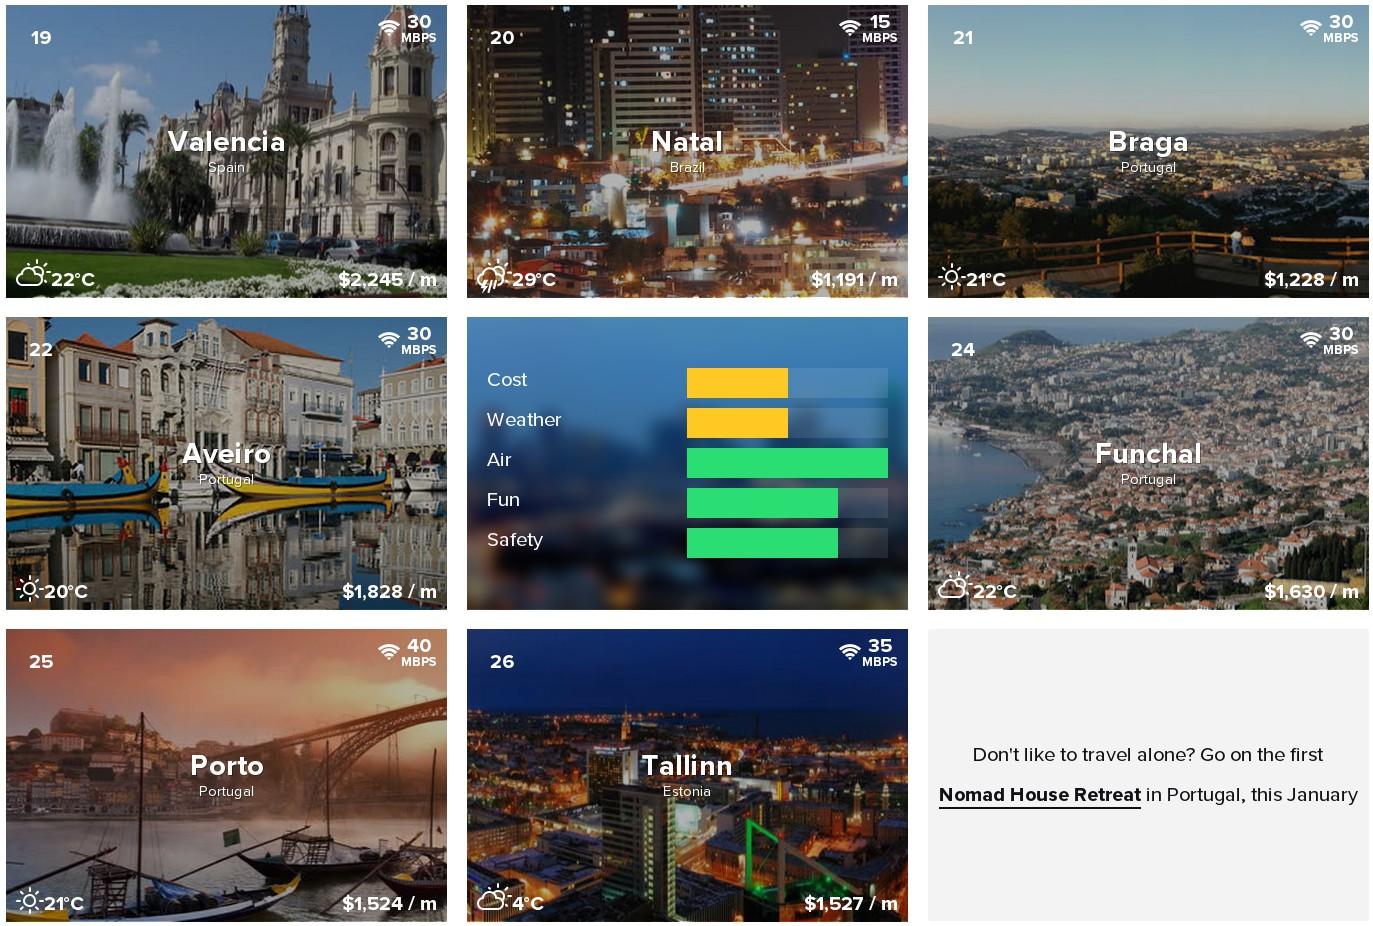 NomadList — один из самых популярных путеводителей для цифровых кочевников. Десятки мест с краткой характеристикой каждого: средняя стоимость жизни, погода, безопасность, наличие развлечений и, конечно, скорость интернет-доступа.